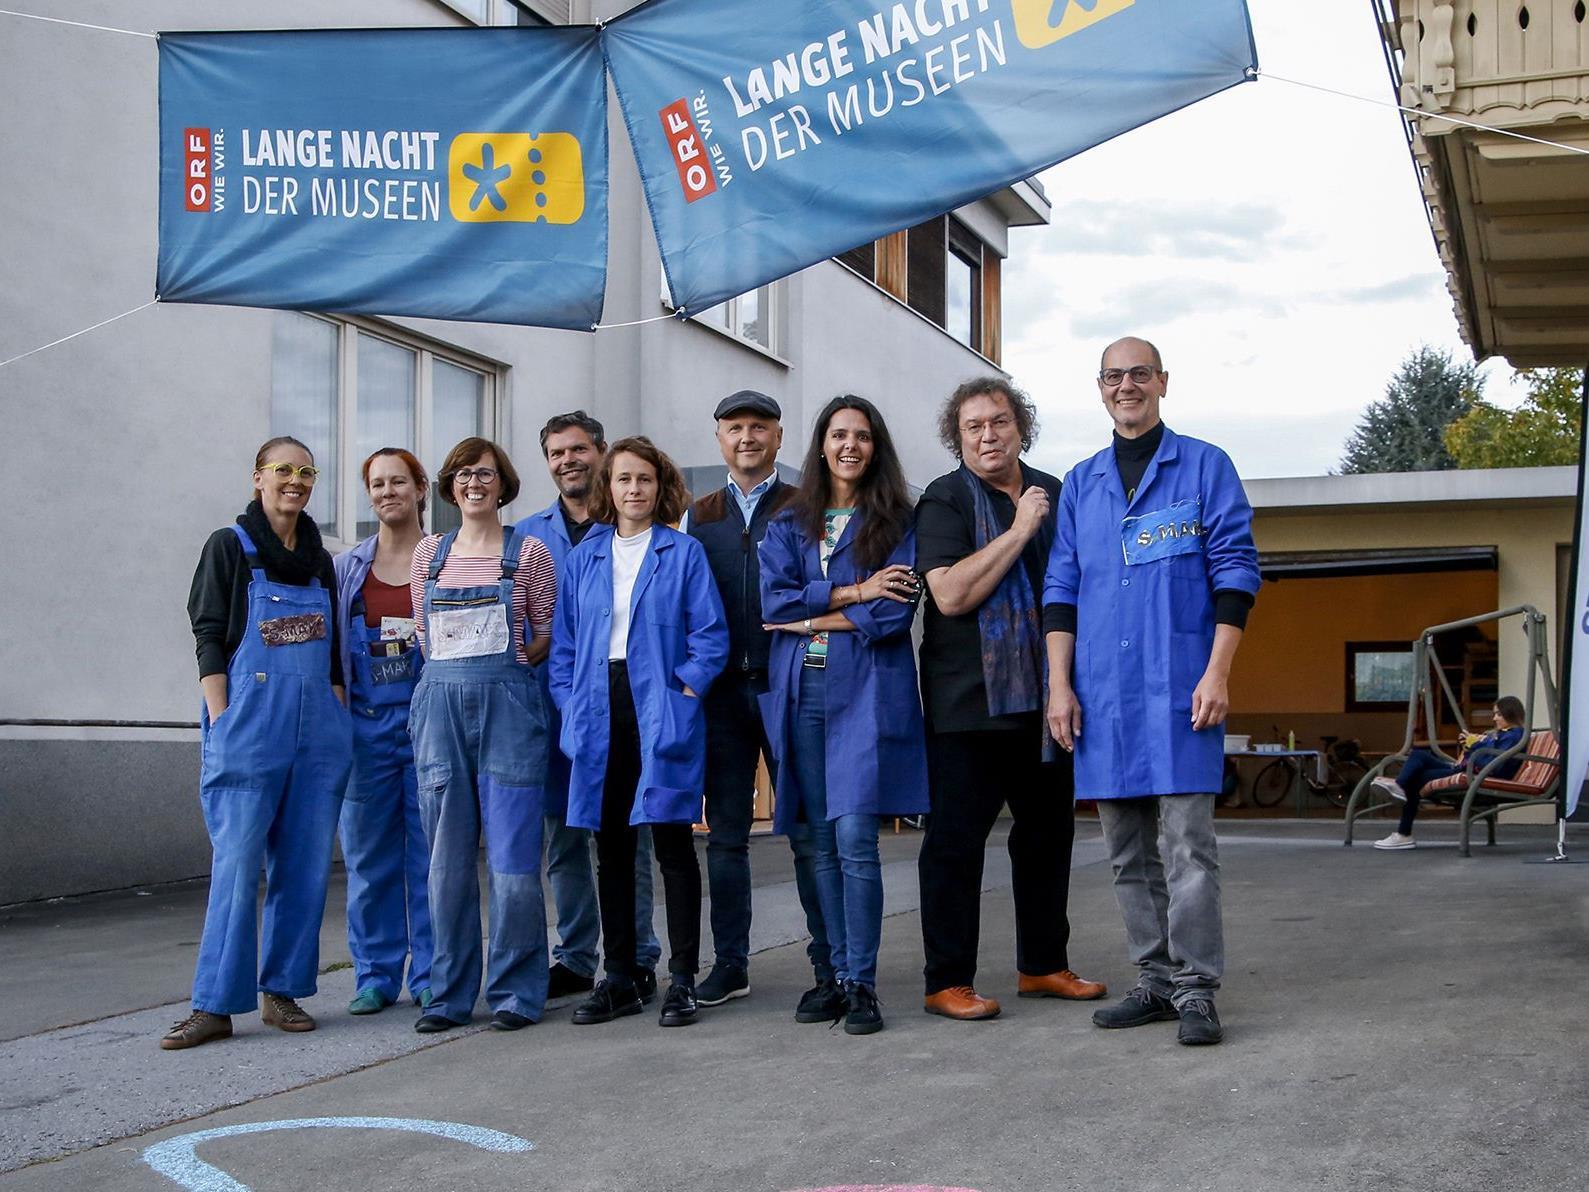 Das Team des SMAK bei der Langen Nacht der Museen 2018.